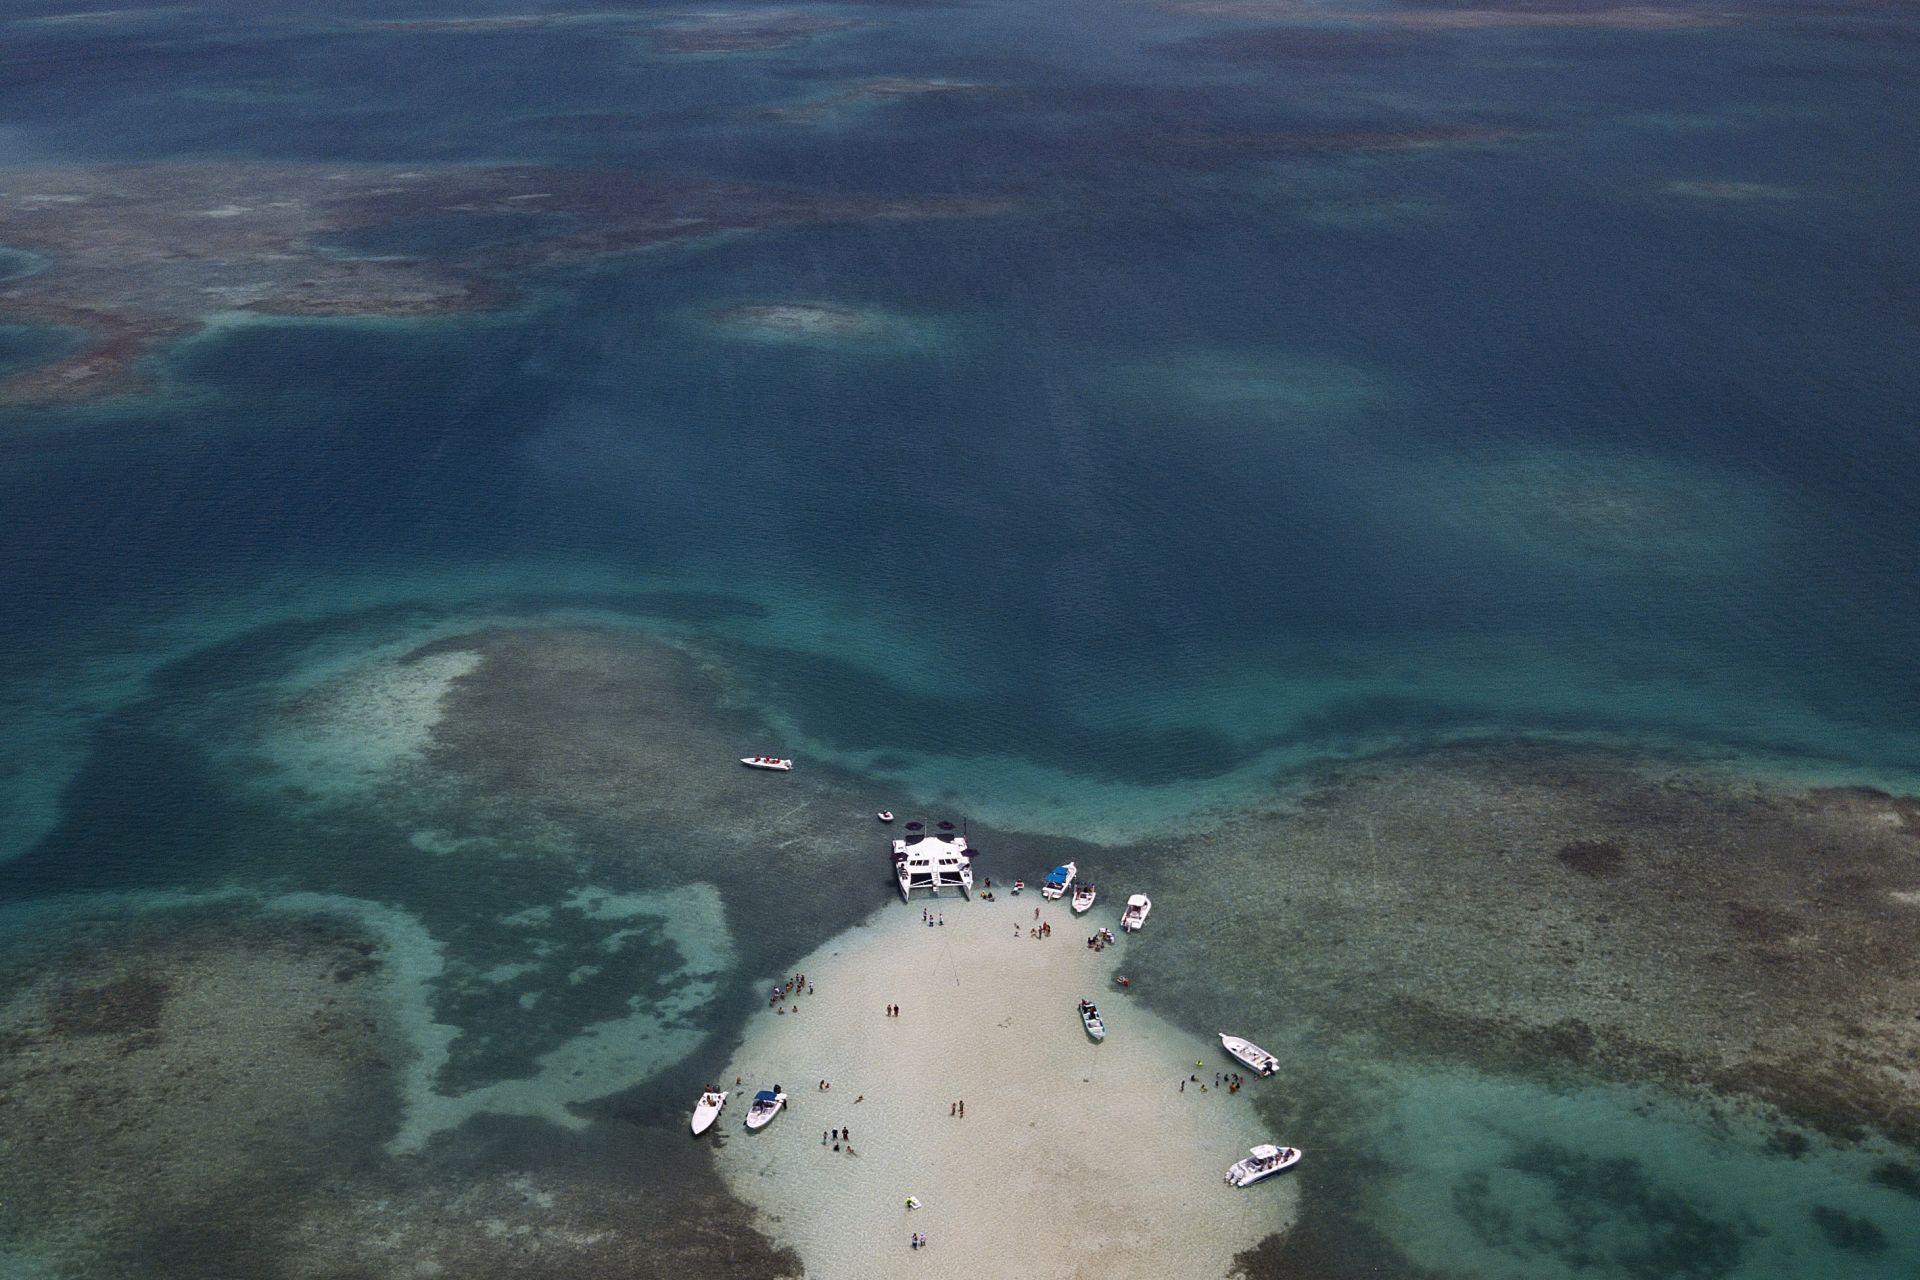 16 юни 2021 г. - Лодки акостират, докато хората плуват в залива на Националния парк Morrocoy, щата Сокол, във Венецуела. Груповите целодневни пътувания включват транспорт, храна и развлекателни игри, които станаха популярни по време на гъвкавите карантинни мерки, позволявайки на определени предприятия да работят за ограничен период от време.